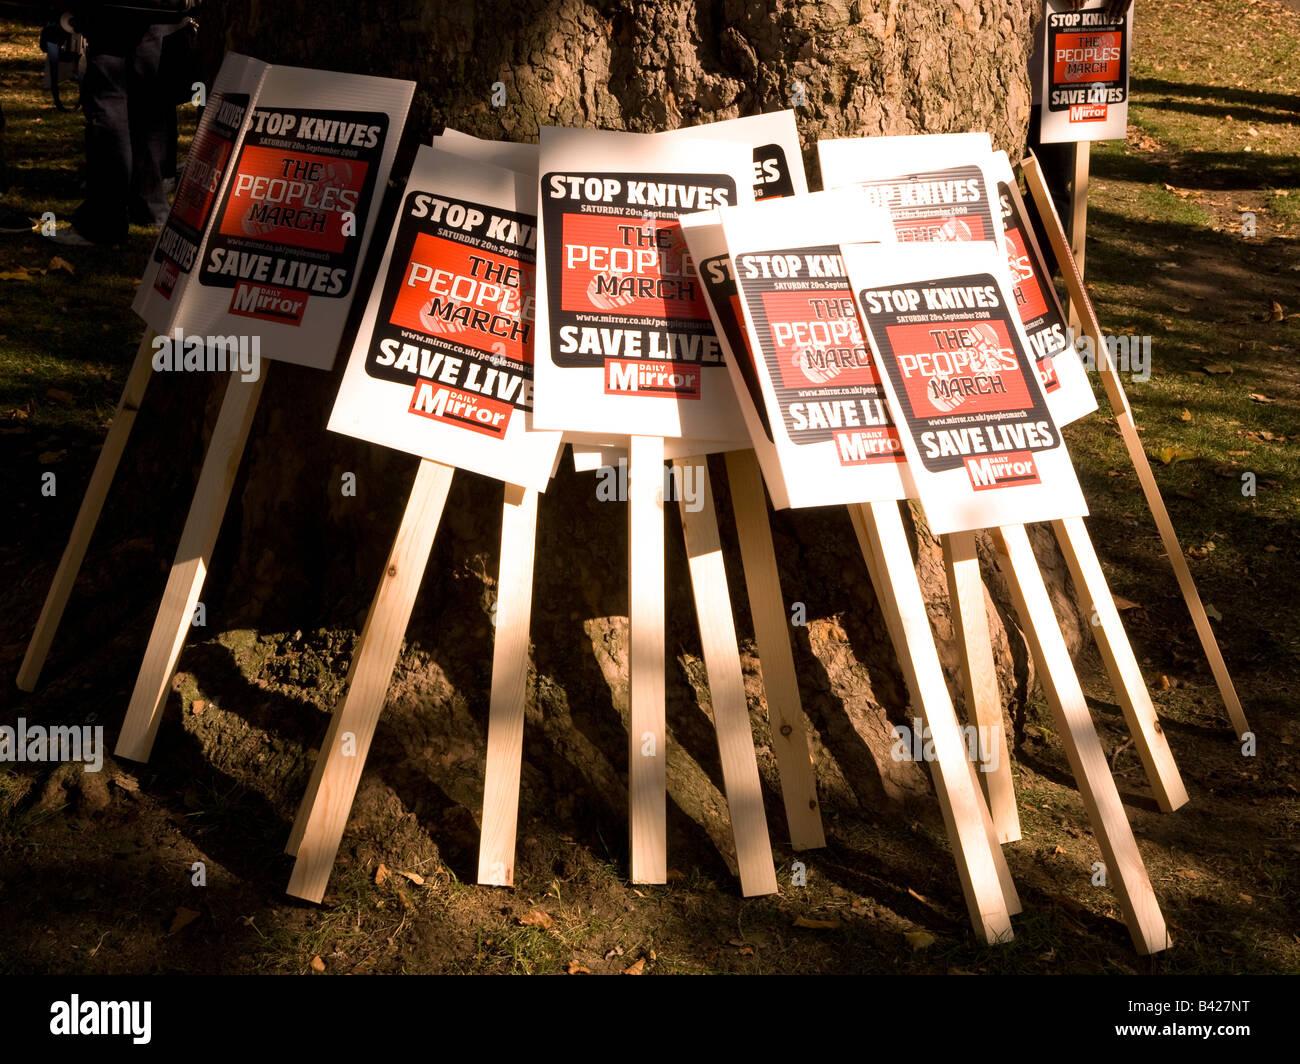 Pancartas en el pueblo de marzo, Sábado 20 de septiembre de 2008. Marzo y demostración de la cuchilla Imagen De Stock